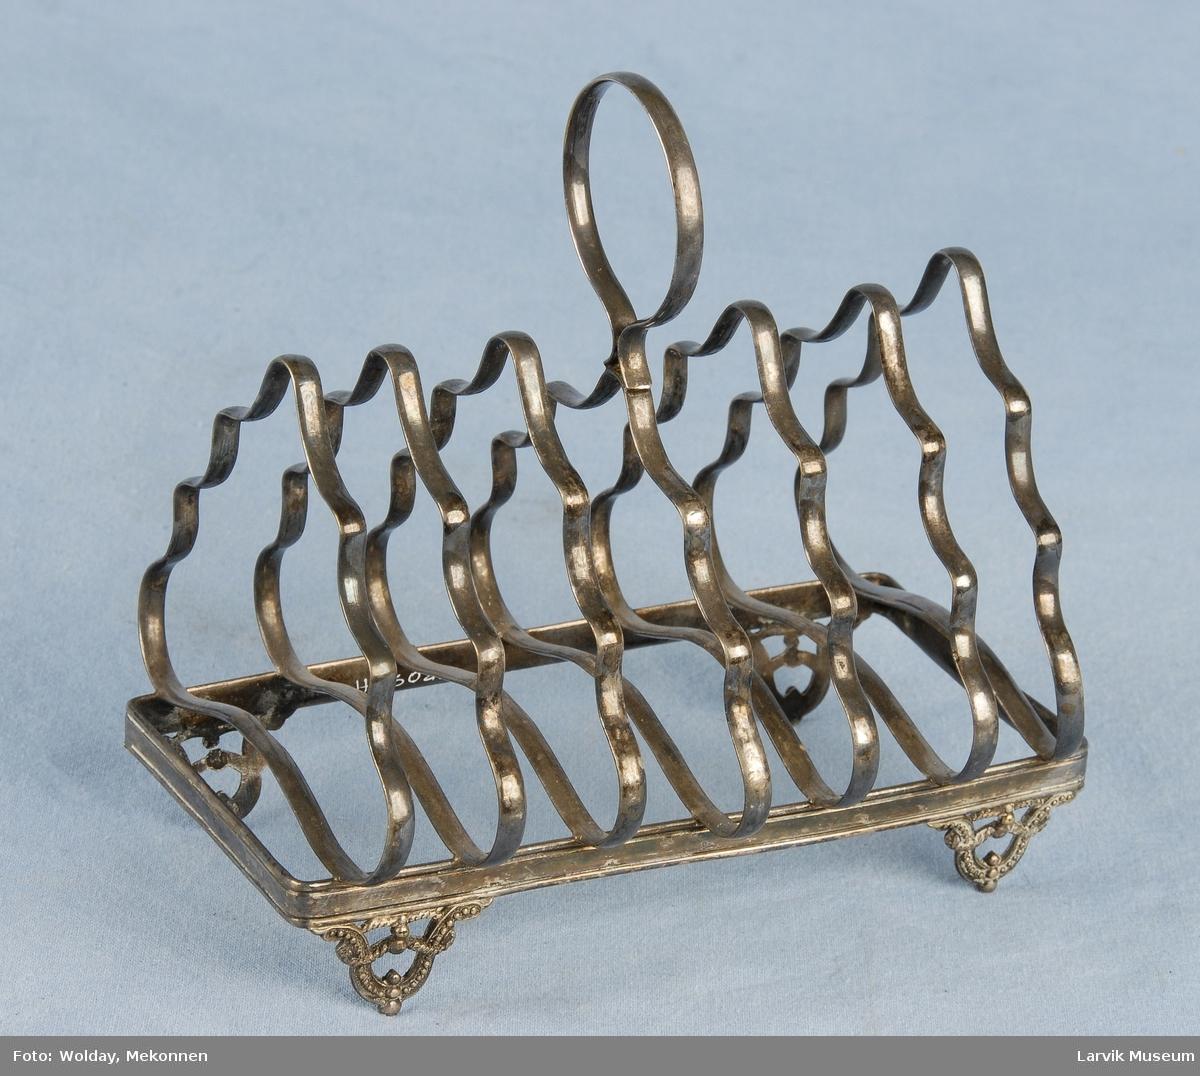 Form: Fire små føtter med dekor, holder en rekatngulær ramme oppe. Til denne rammen er festet syv bølgete trekanter. På den i midten er det festet et håndtak.